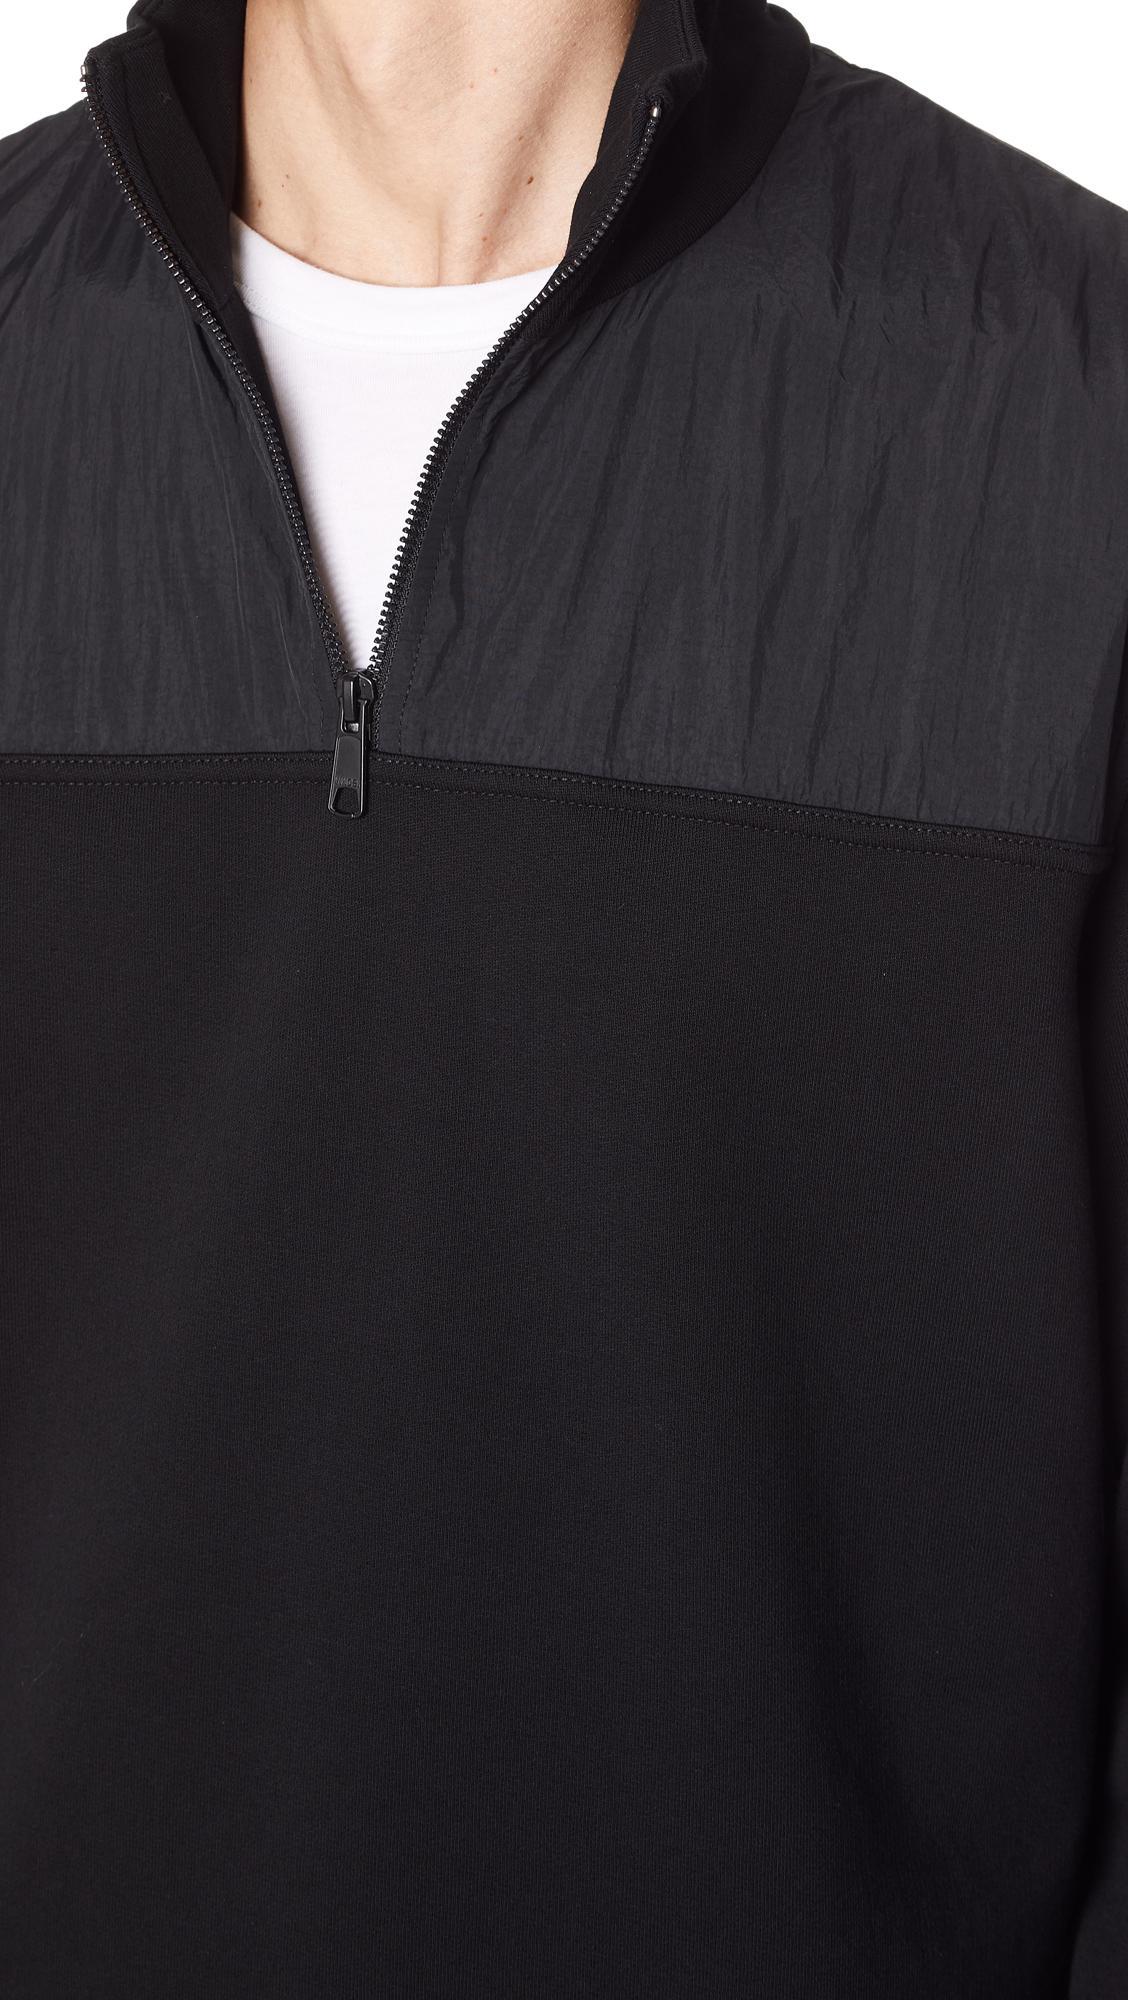 Vince Cotton Mixed Media Half Zip Jacket in Black for Men